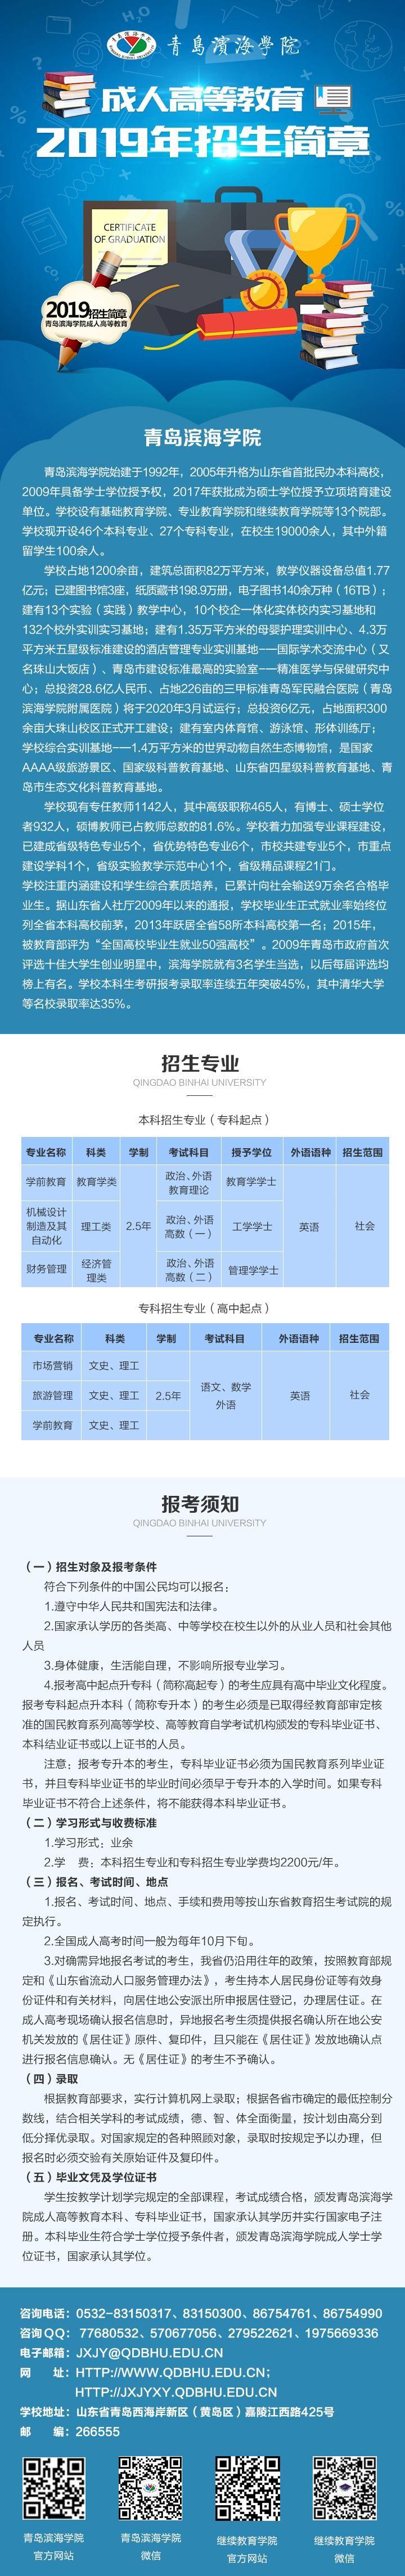 2019年成考招生简章.jpg